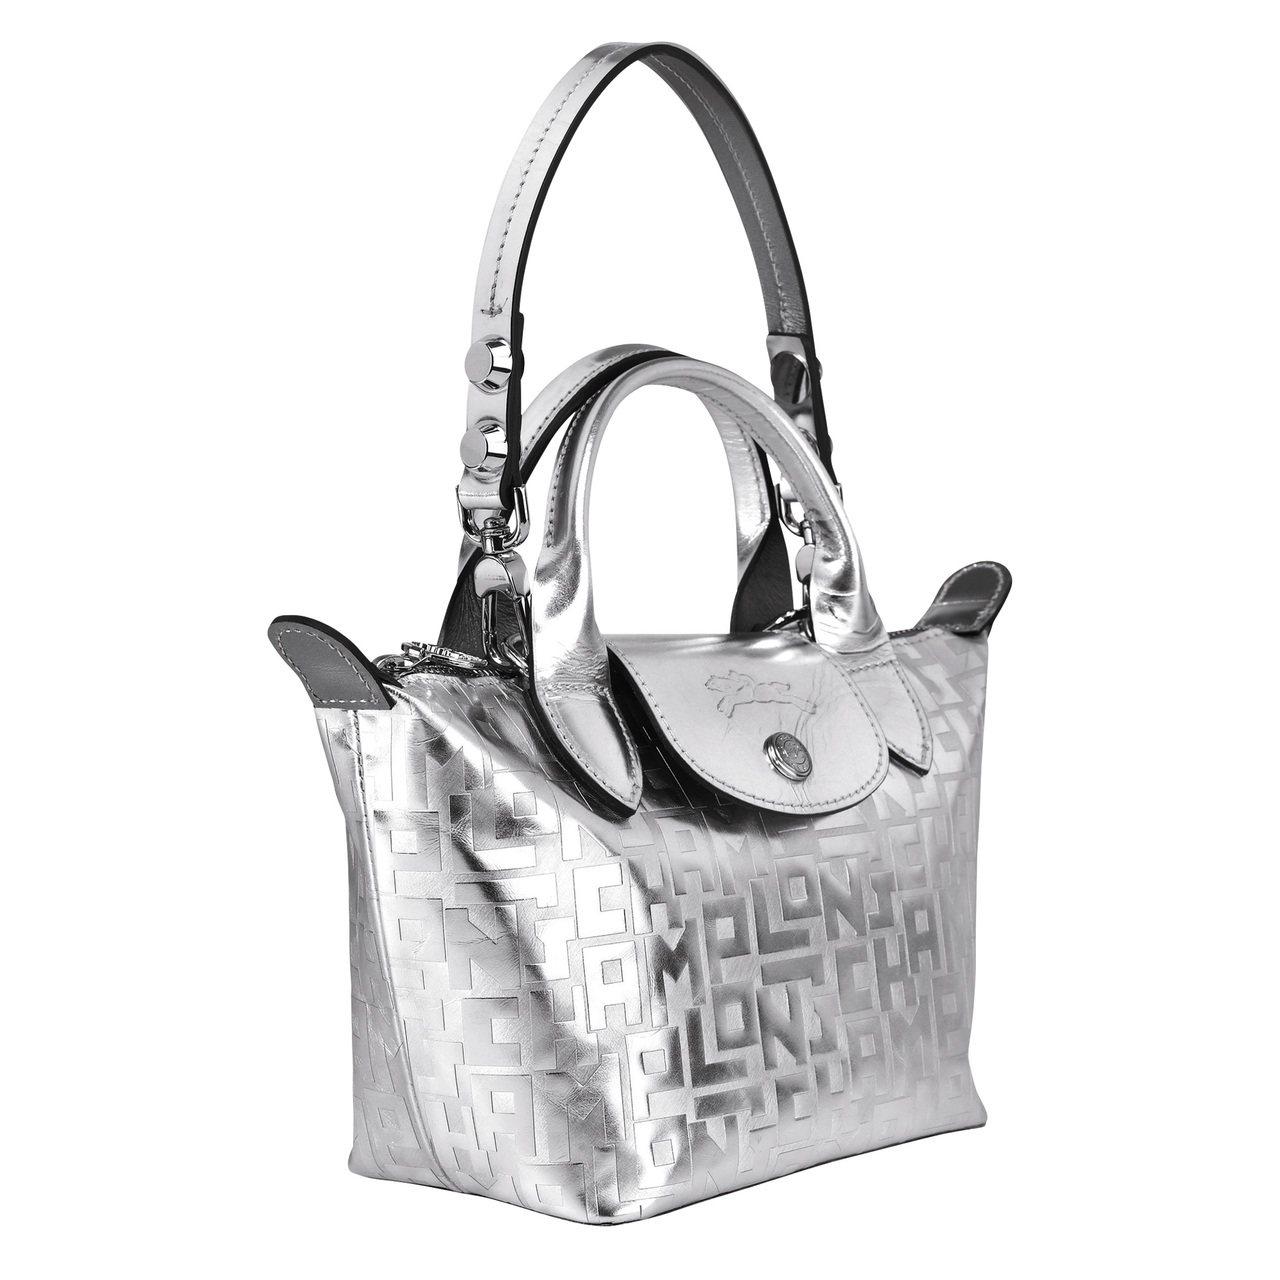 Le Mini Pliage Cuir Metal LGP銀色迷你手提包,售價1...